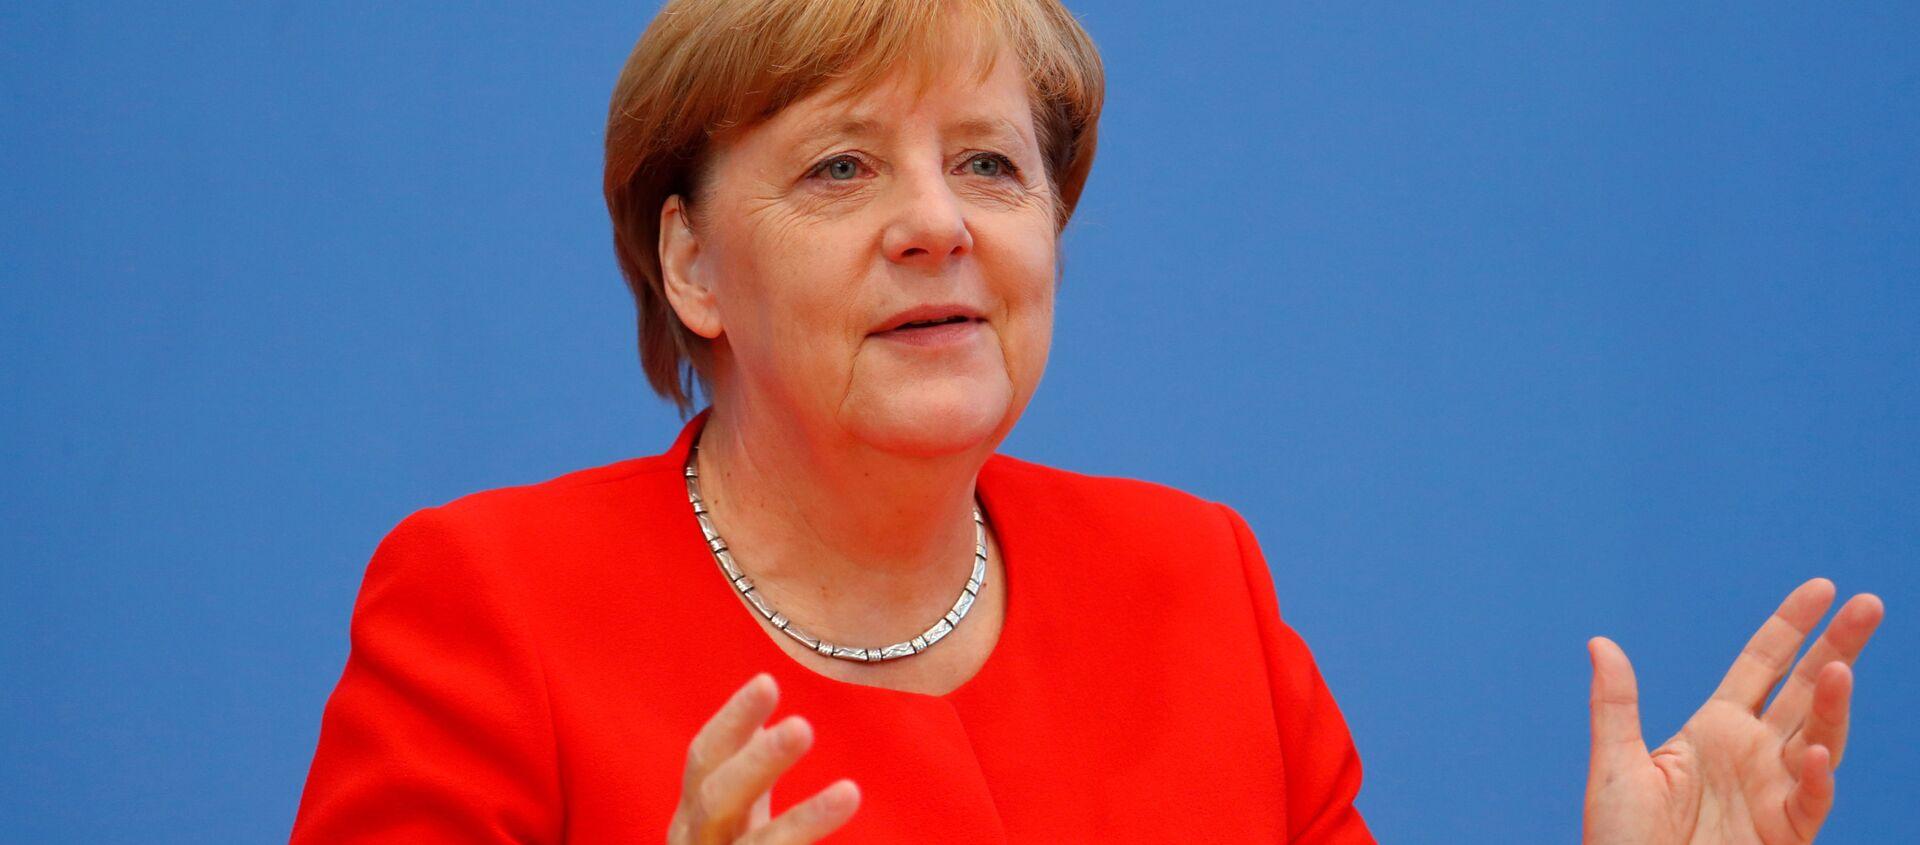 Německá kancléřka Angela Merkelová - Sputnik Česká republika, 1920, 24.02.2021